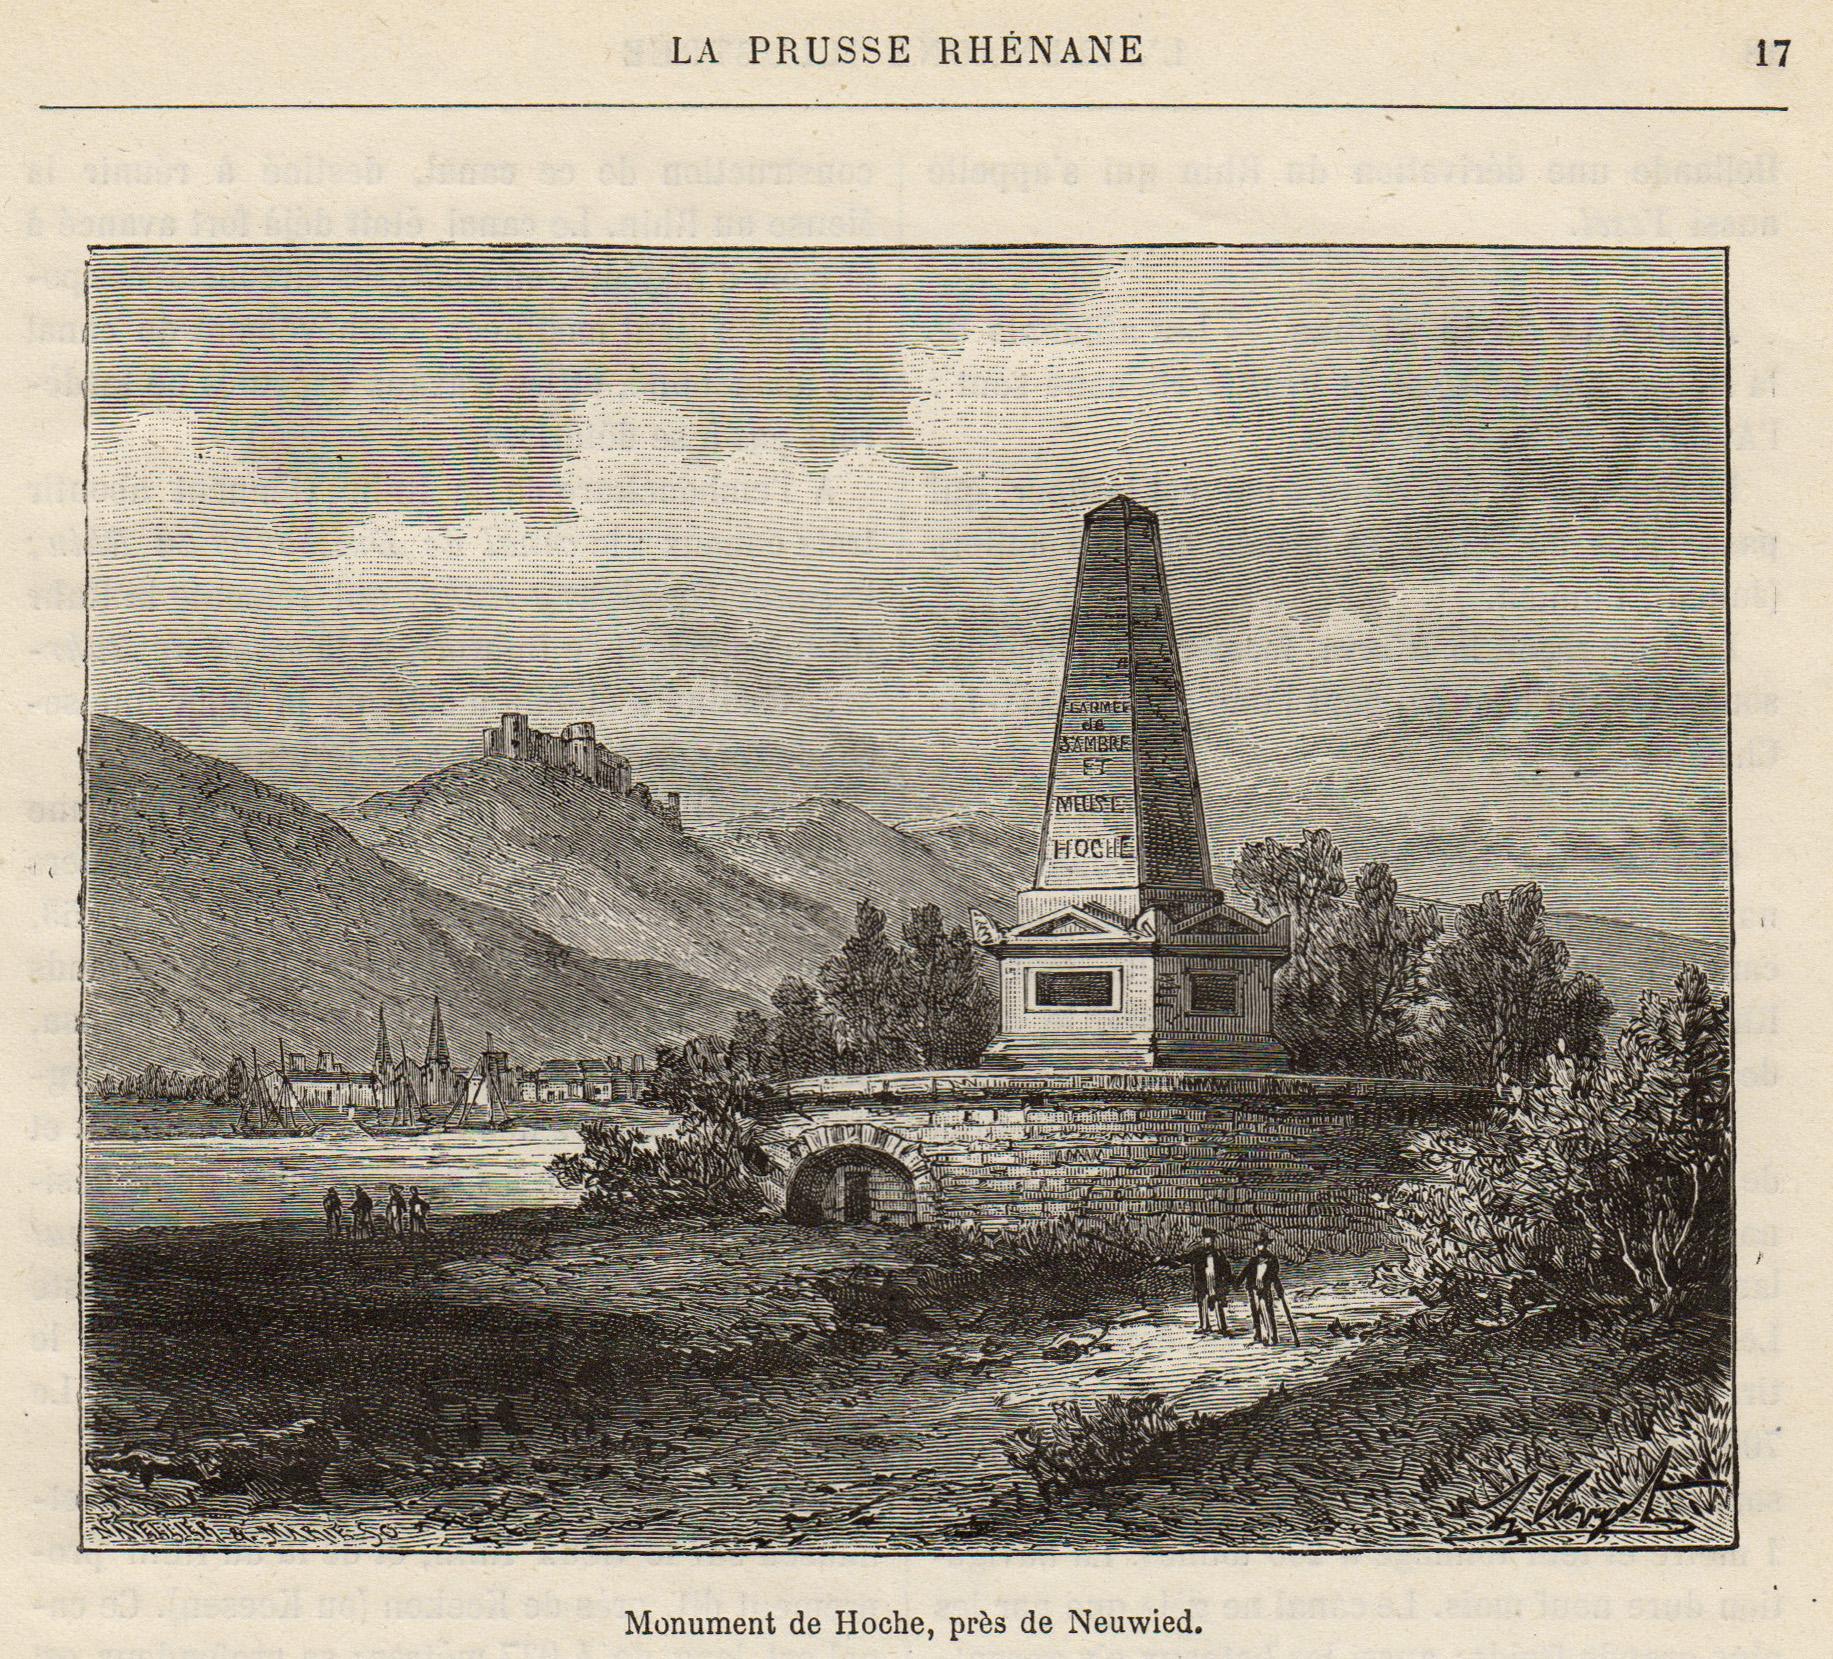 TA., Hoche-Denkmal m. Blick über Rhein n.: Neuwied: